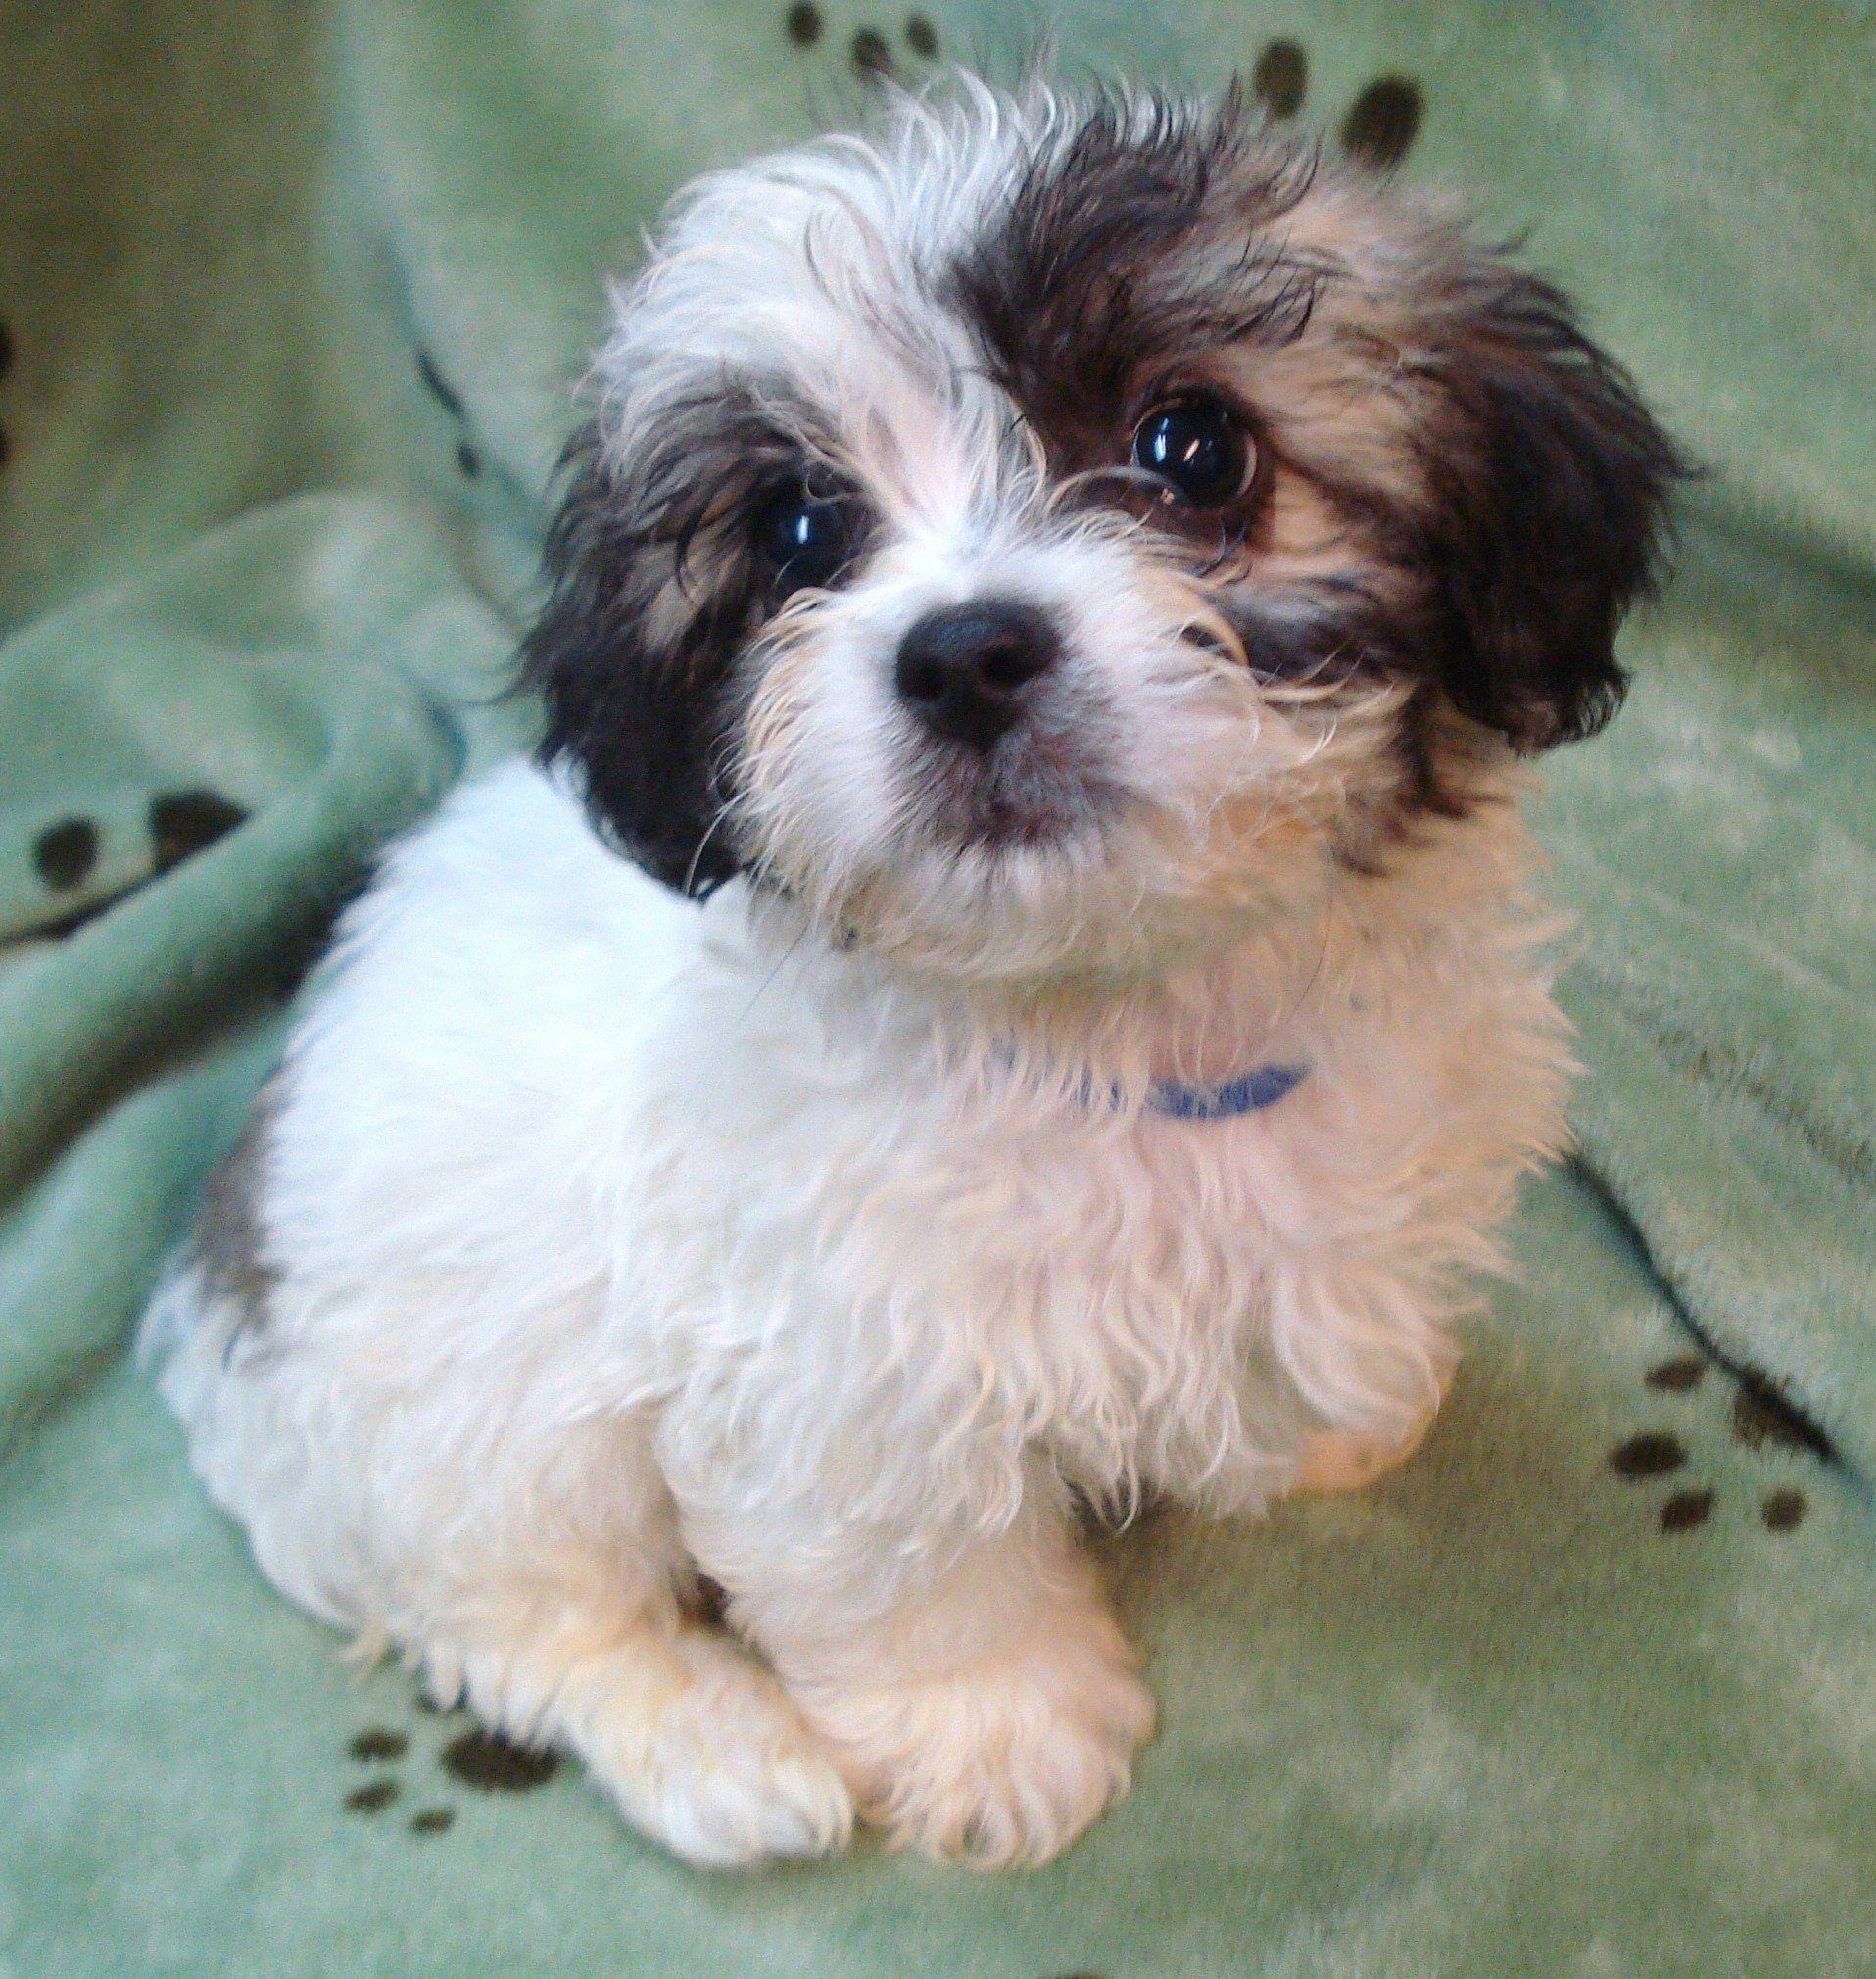 Teacup Peekapoo Teddy Bear Puppies Dog Breeds Puppies